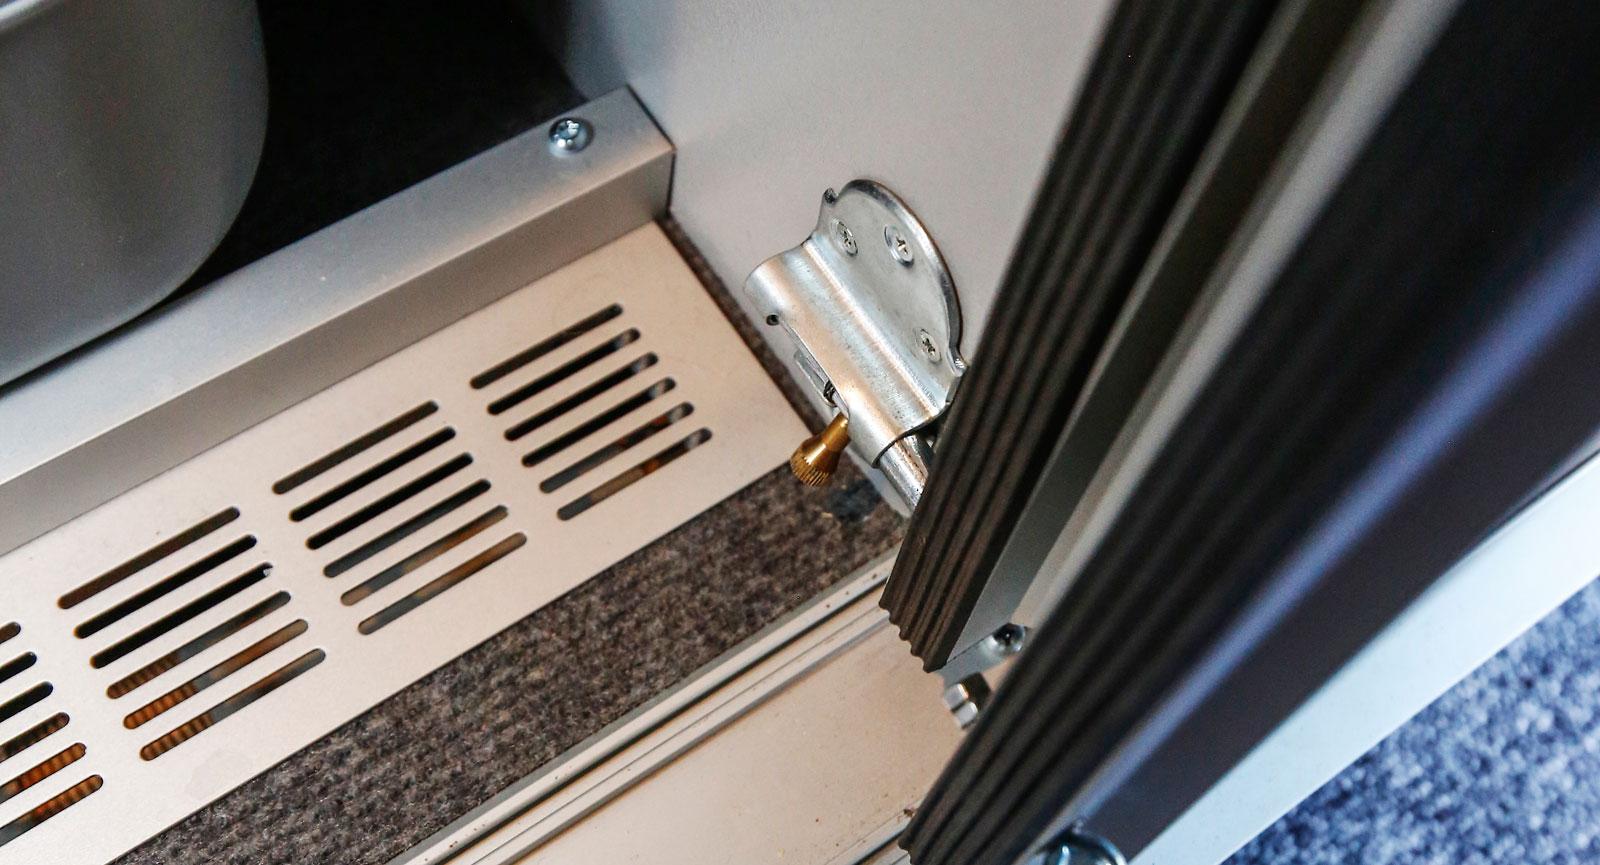 Alla skåp och dörrar har blivit försedda med låsanordningar så att det är förankrat vid färd.